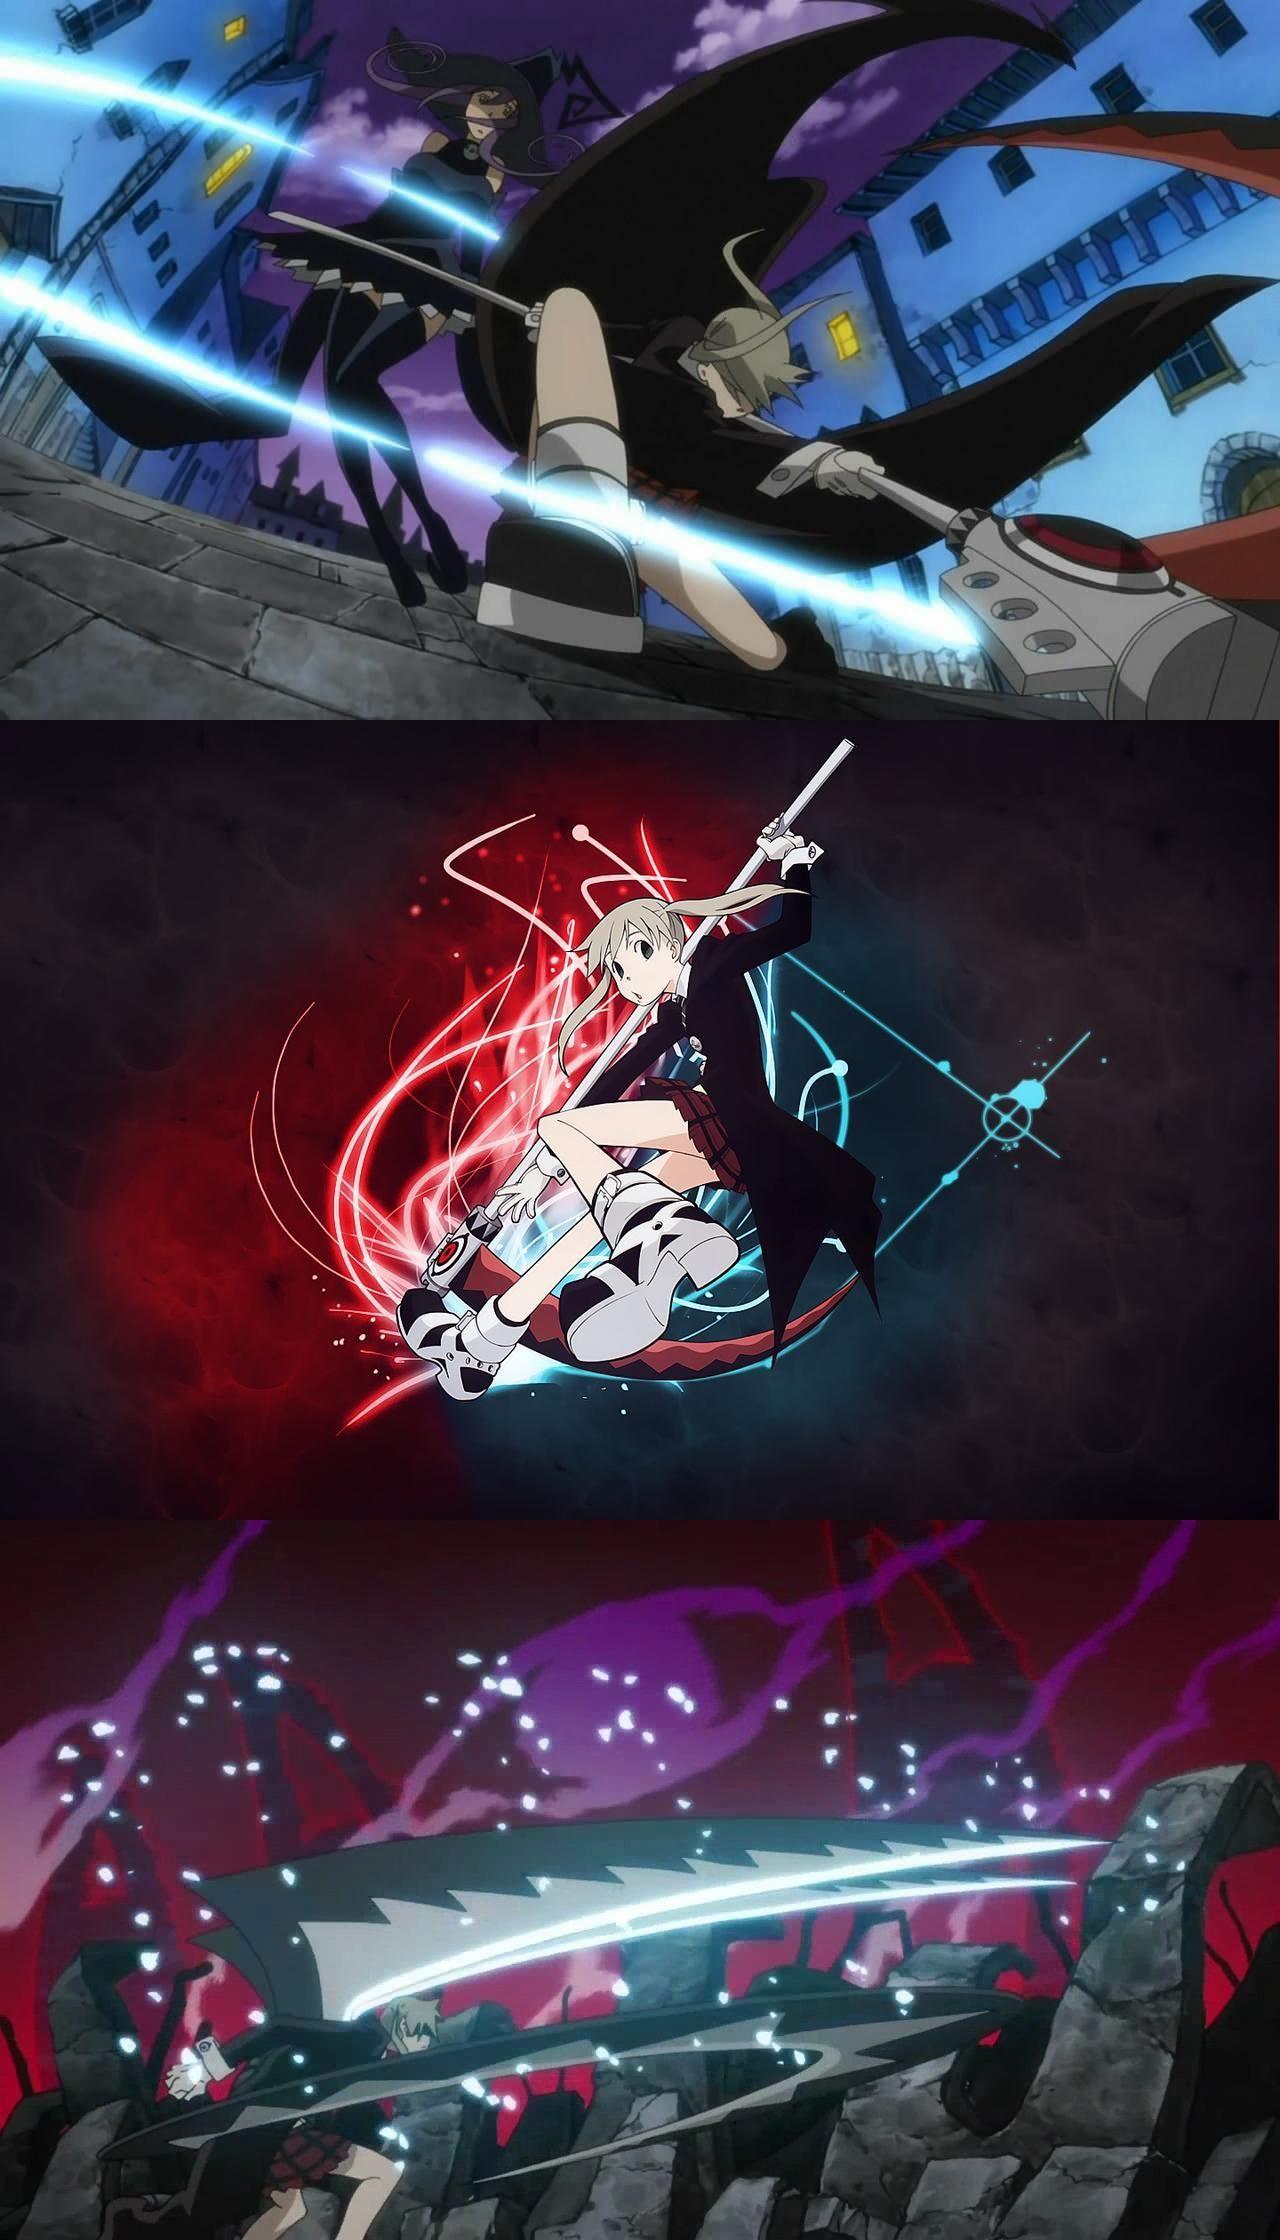 Maka Albarn Anime soul, Soul eater, Anime